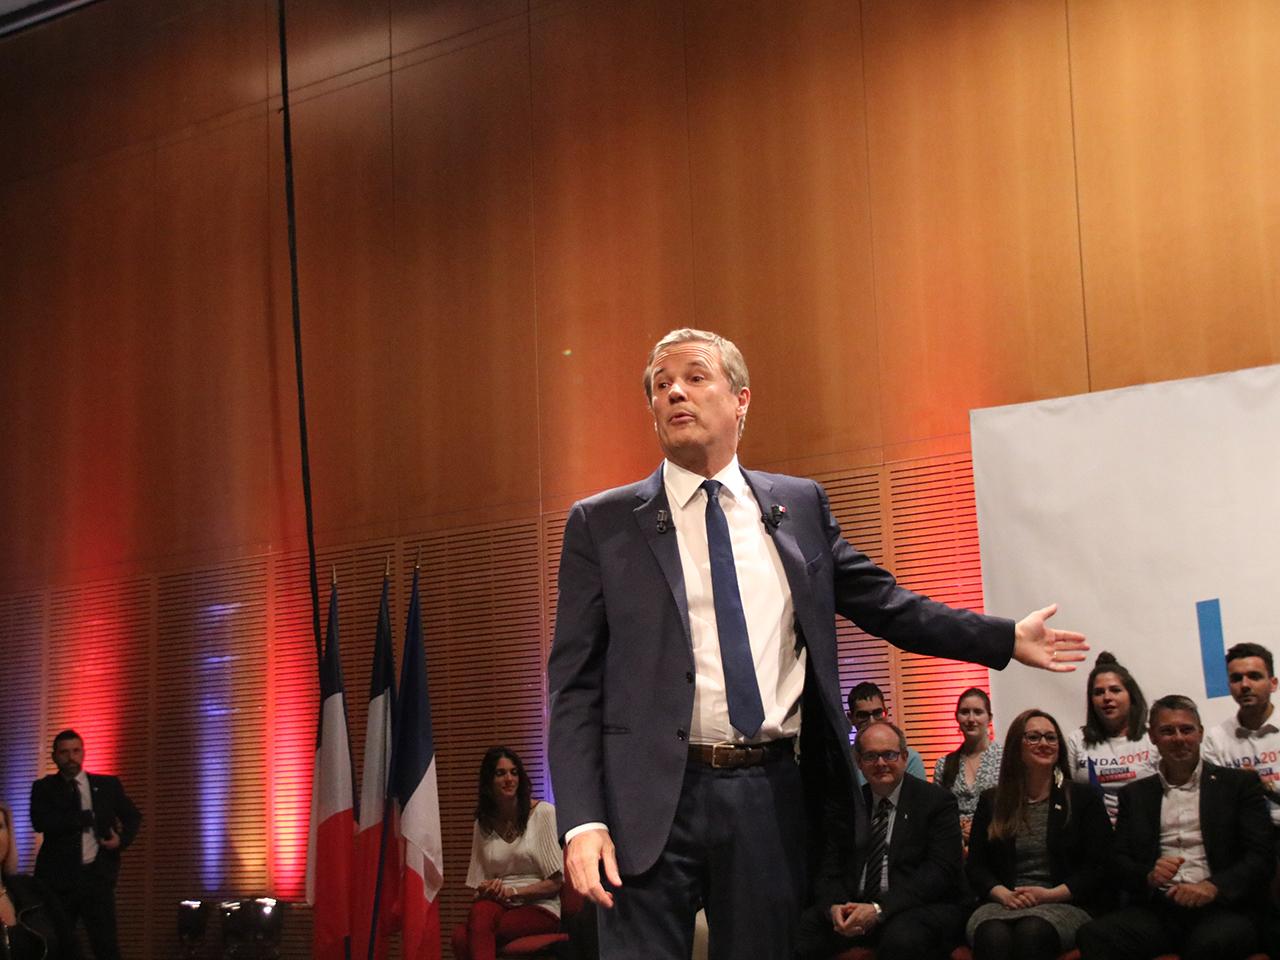 Nicolas Dupont-Aignan sur scène - LyonMag